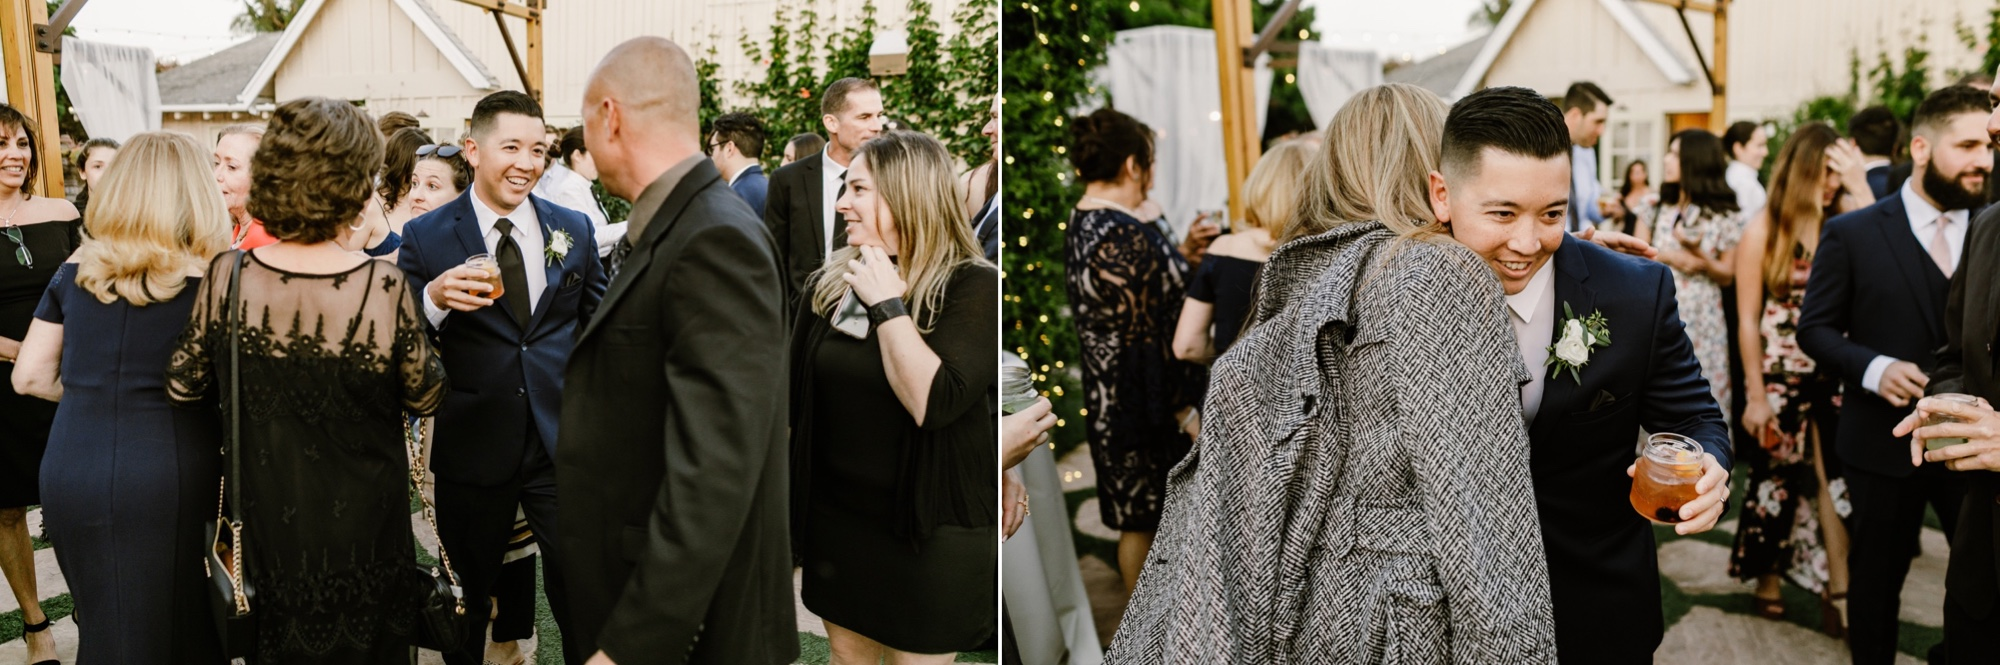 82_Ally and Tommy's Wedding-608_Ally and Tommy's Wedding-610.jpg